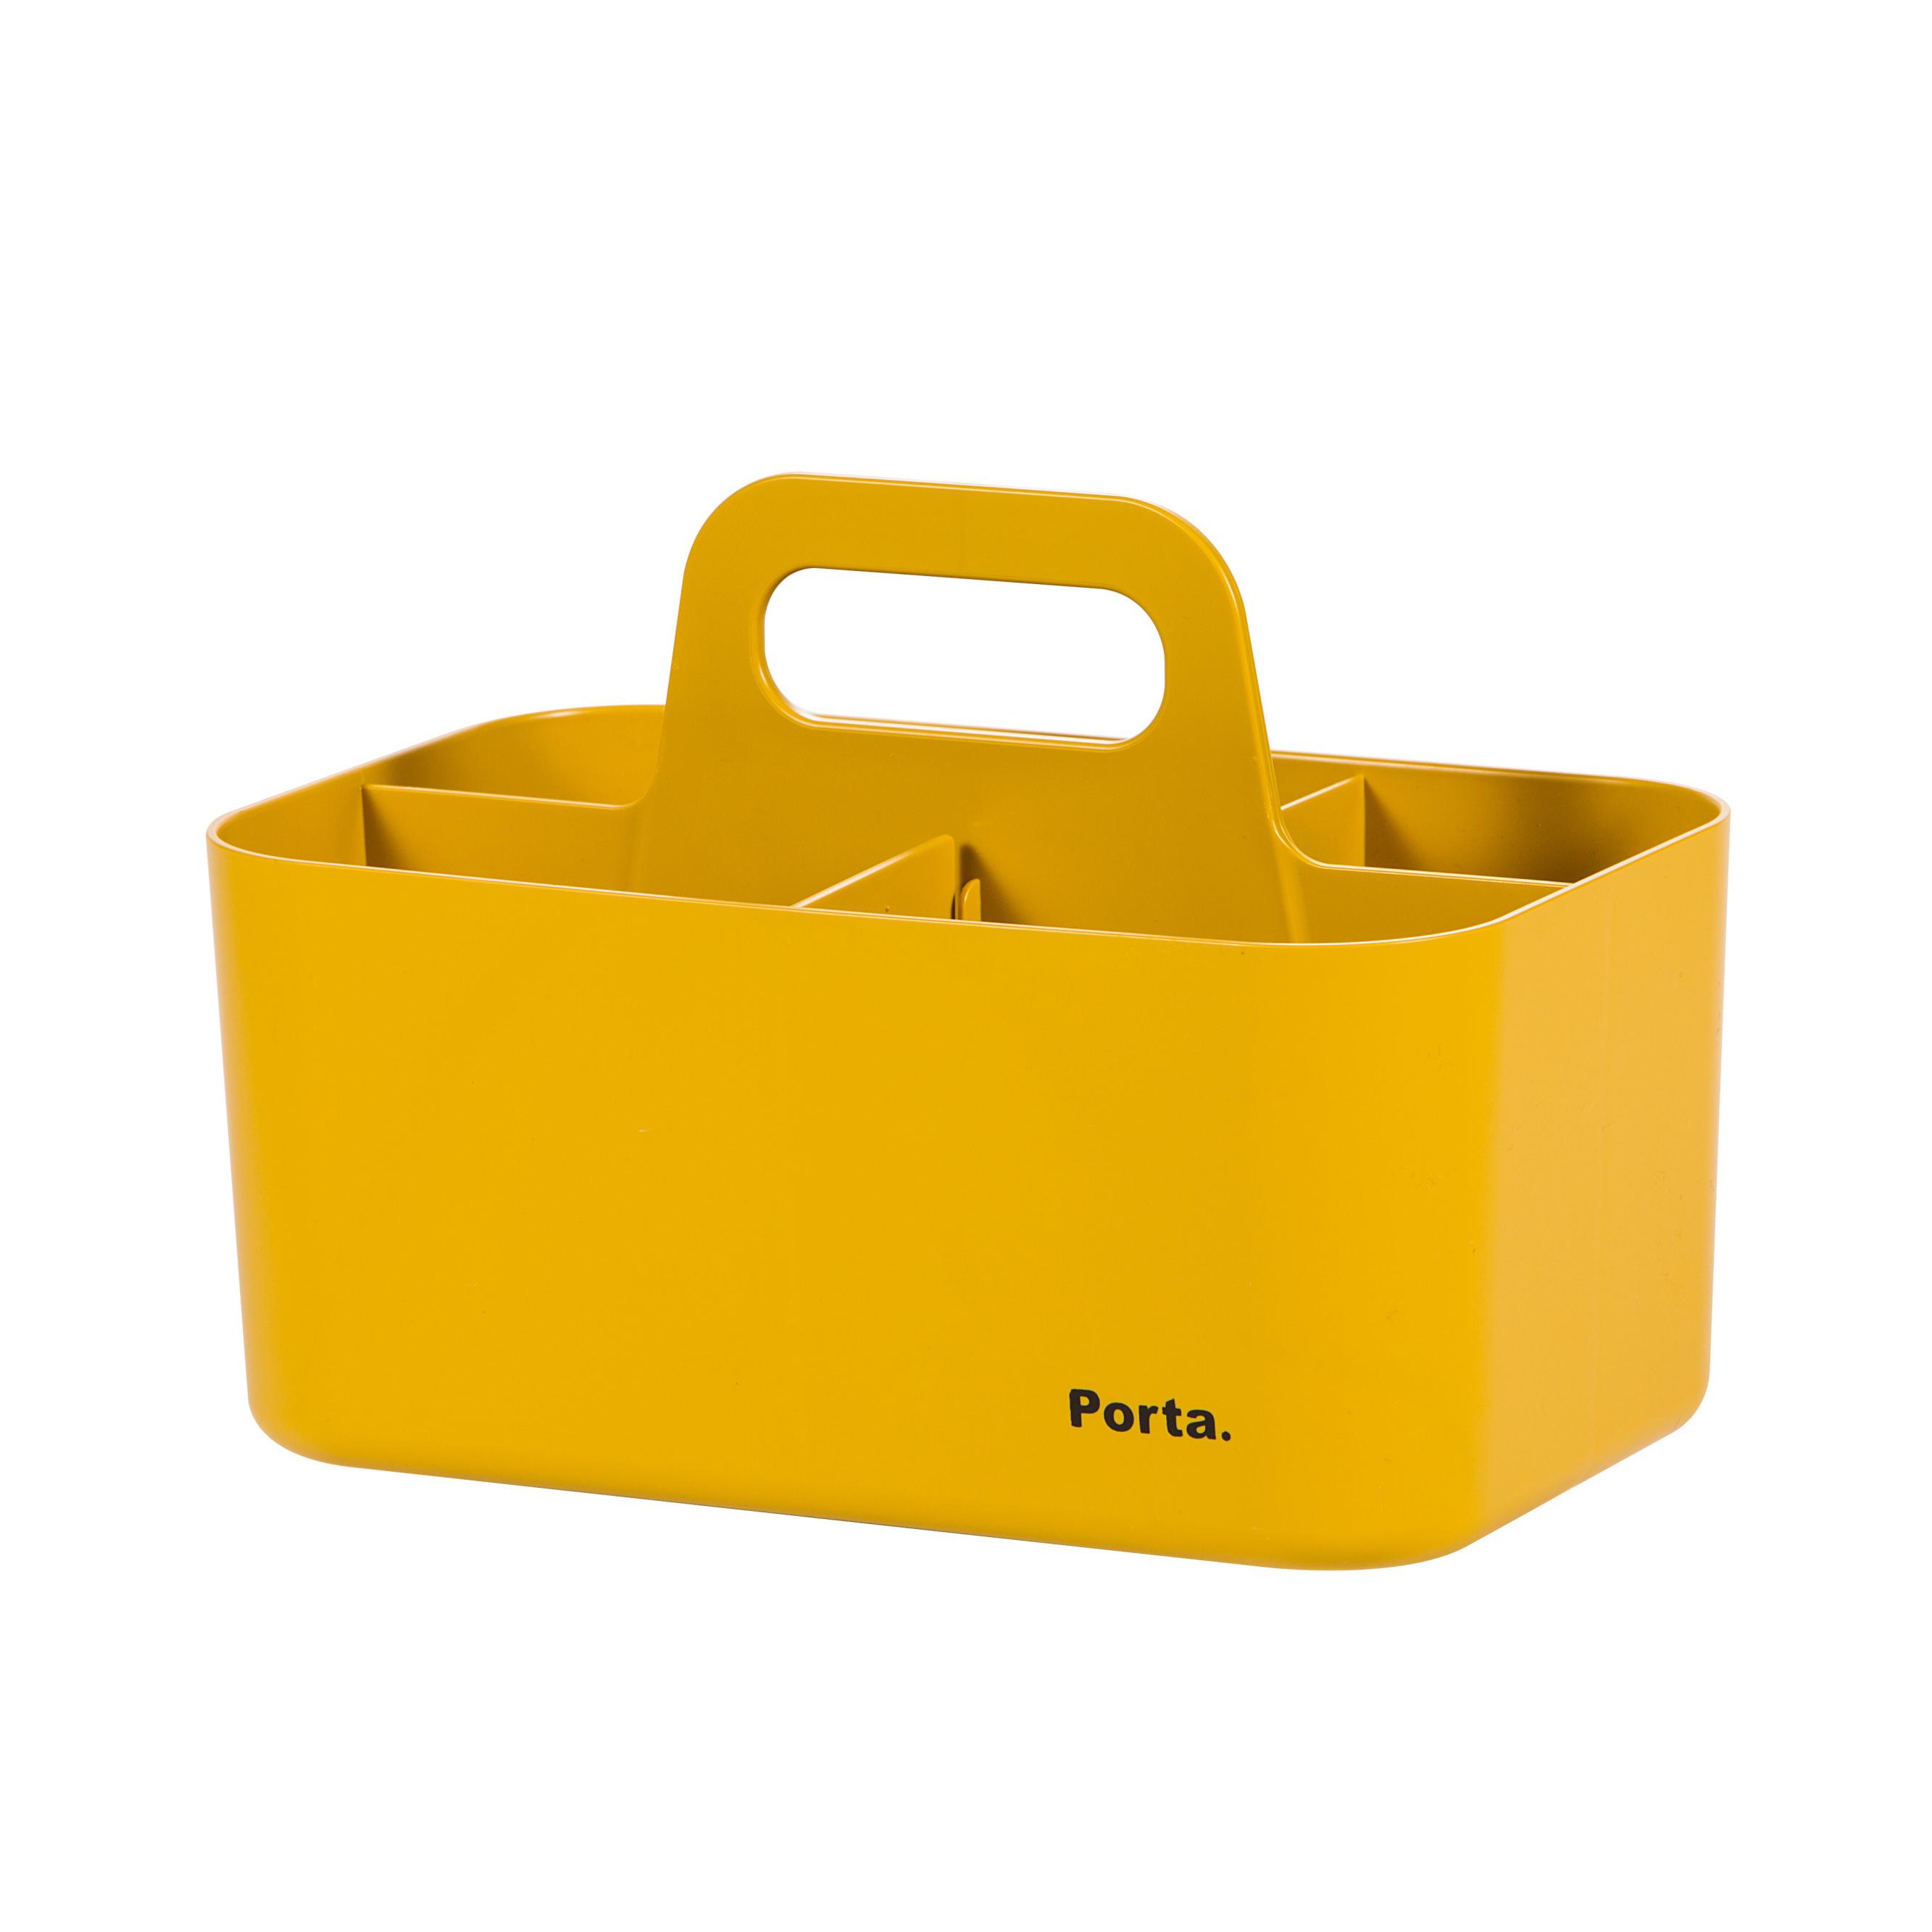 마이룸 포르타 컴팩트 수납정리용품 YELLOW, 1개